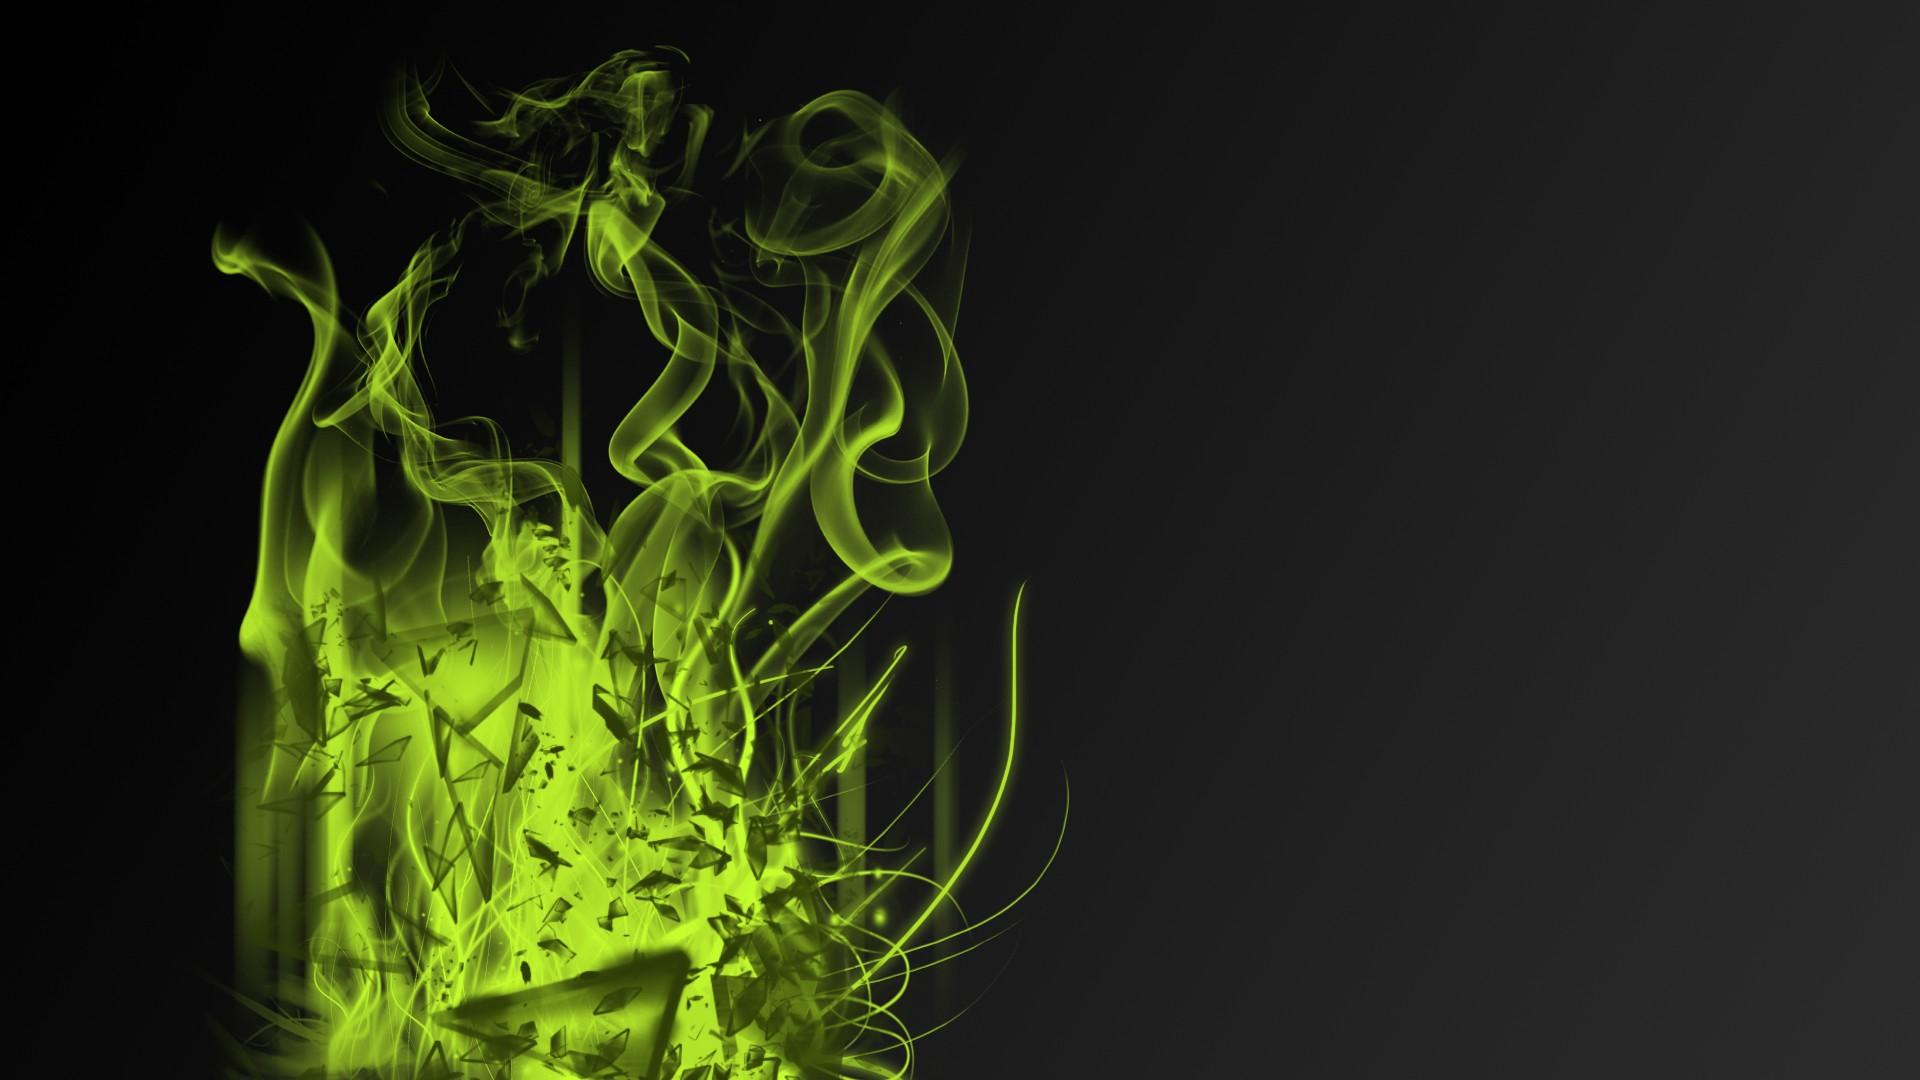 download wallpaper 1920x1080 smoke - photo #5